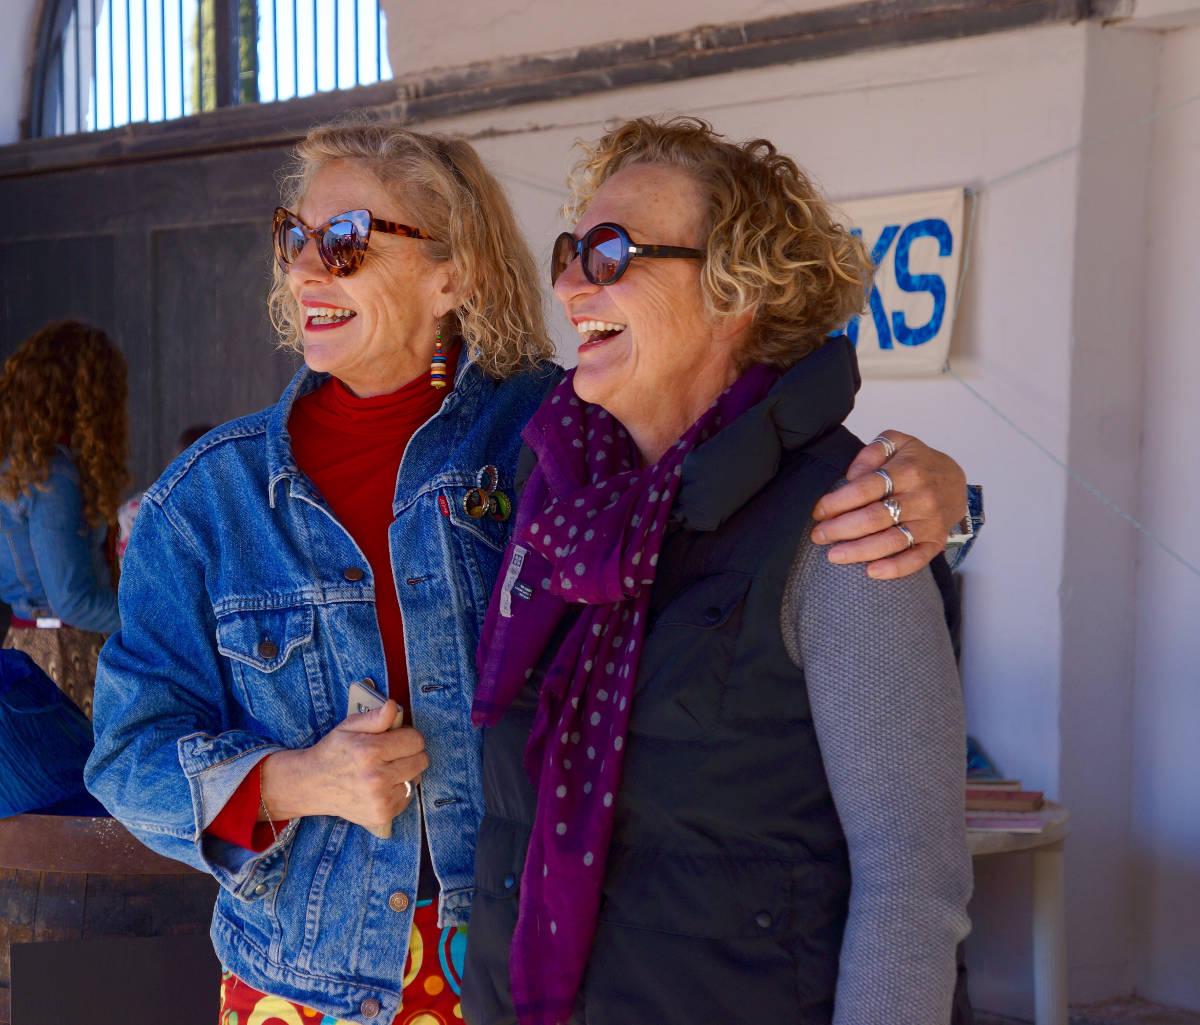 Julie 2016: Irna van Zyl en Marita van der Vyver in Montagu by die Breyten Breytenbach-fees.